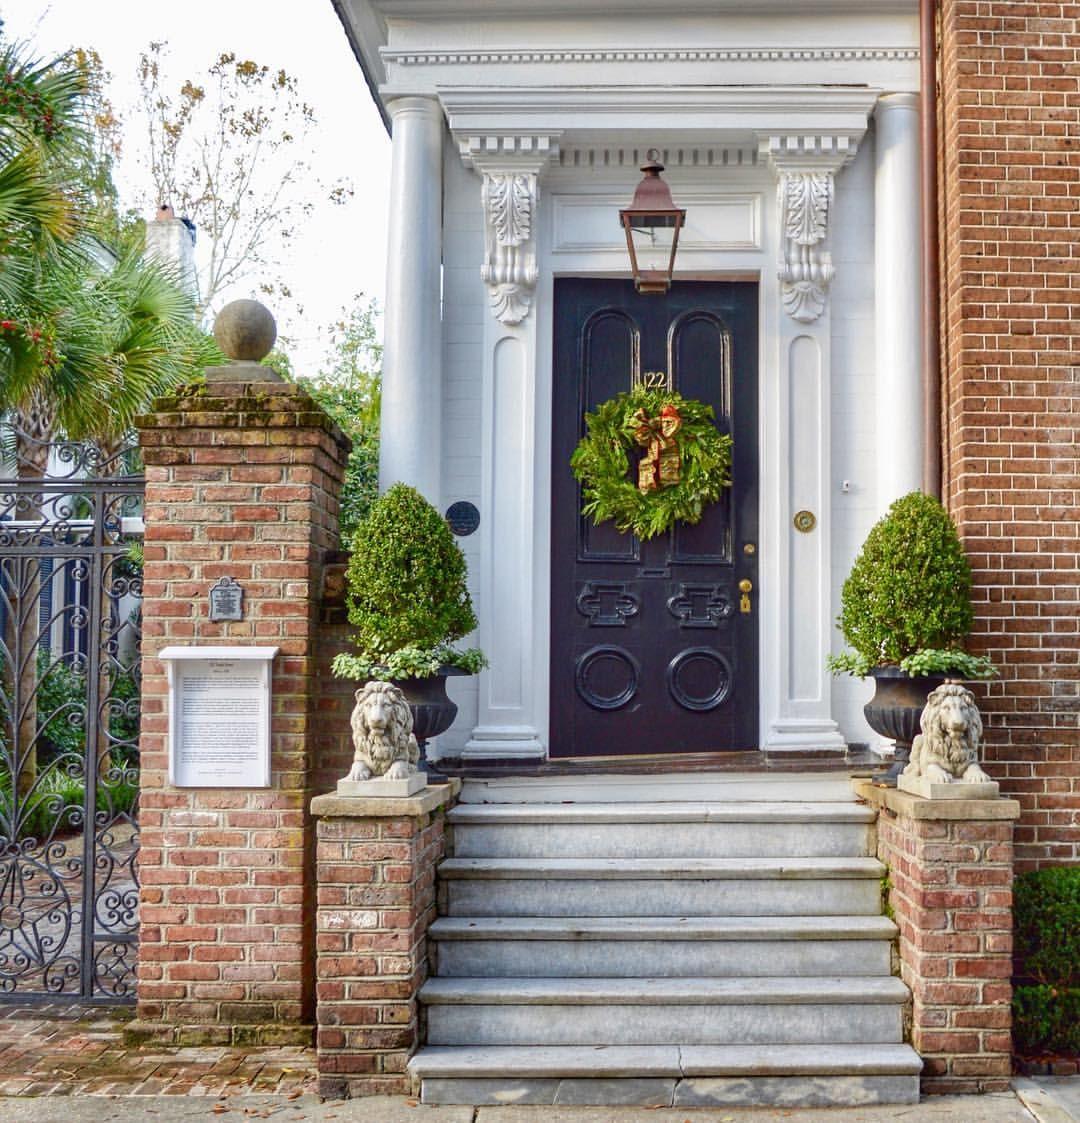 """Mnswick: """"Good Morning From Charleston! (at Charleston"""